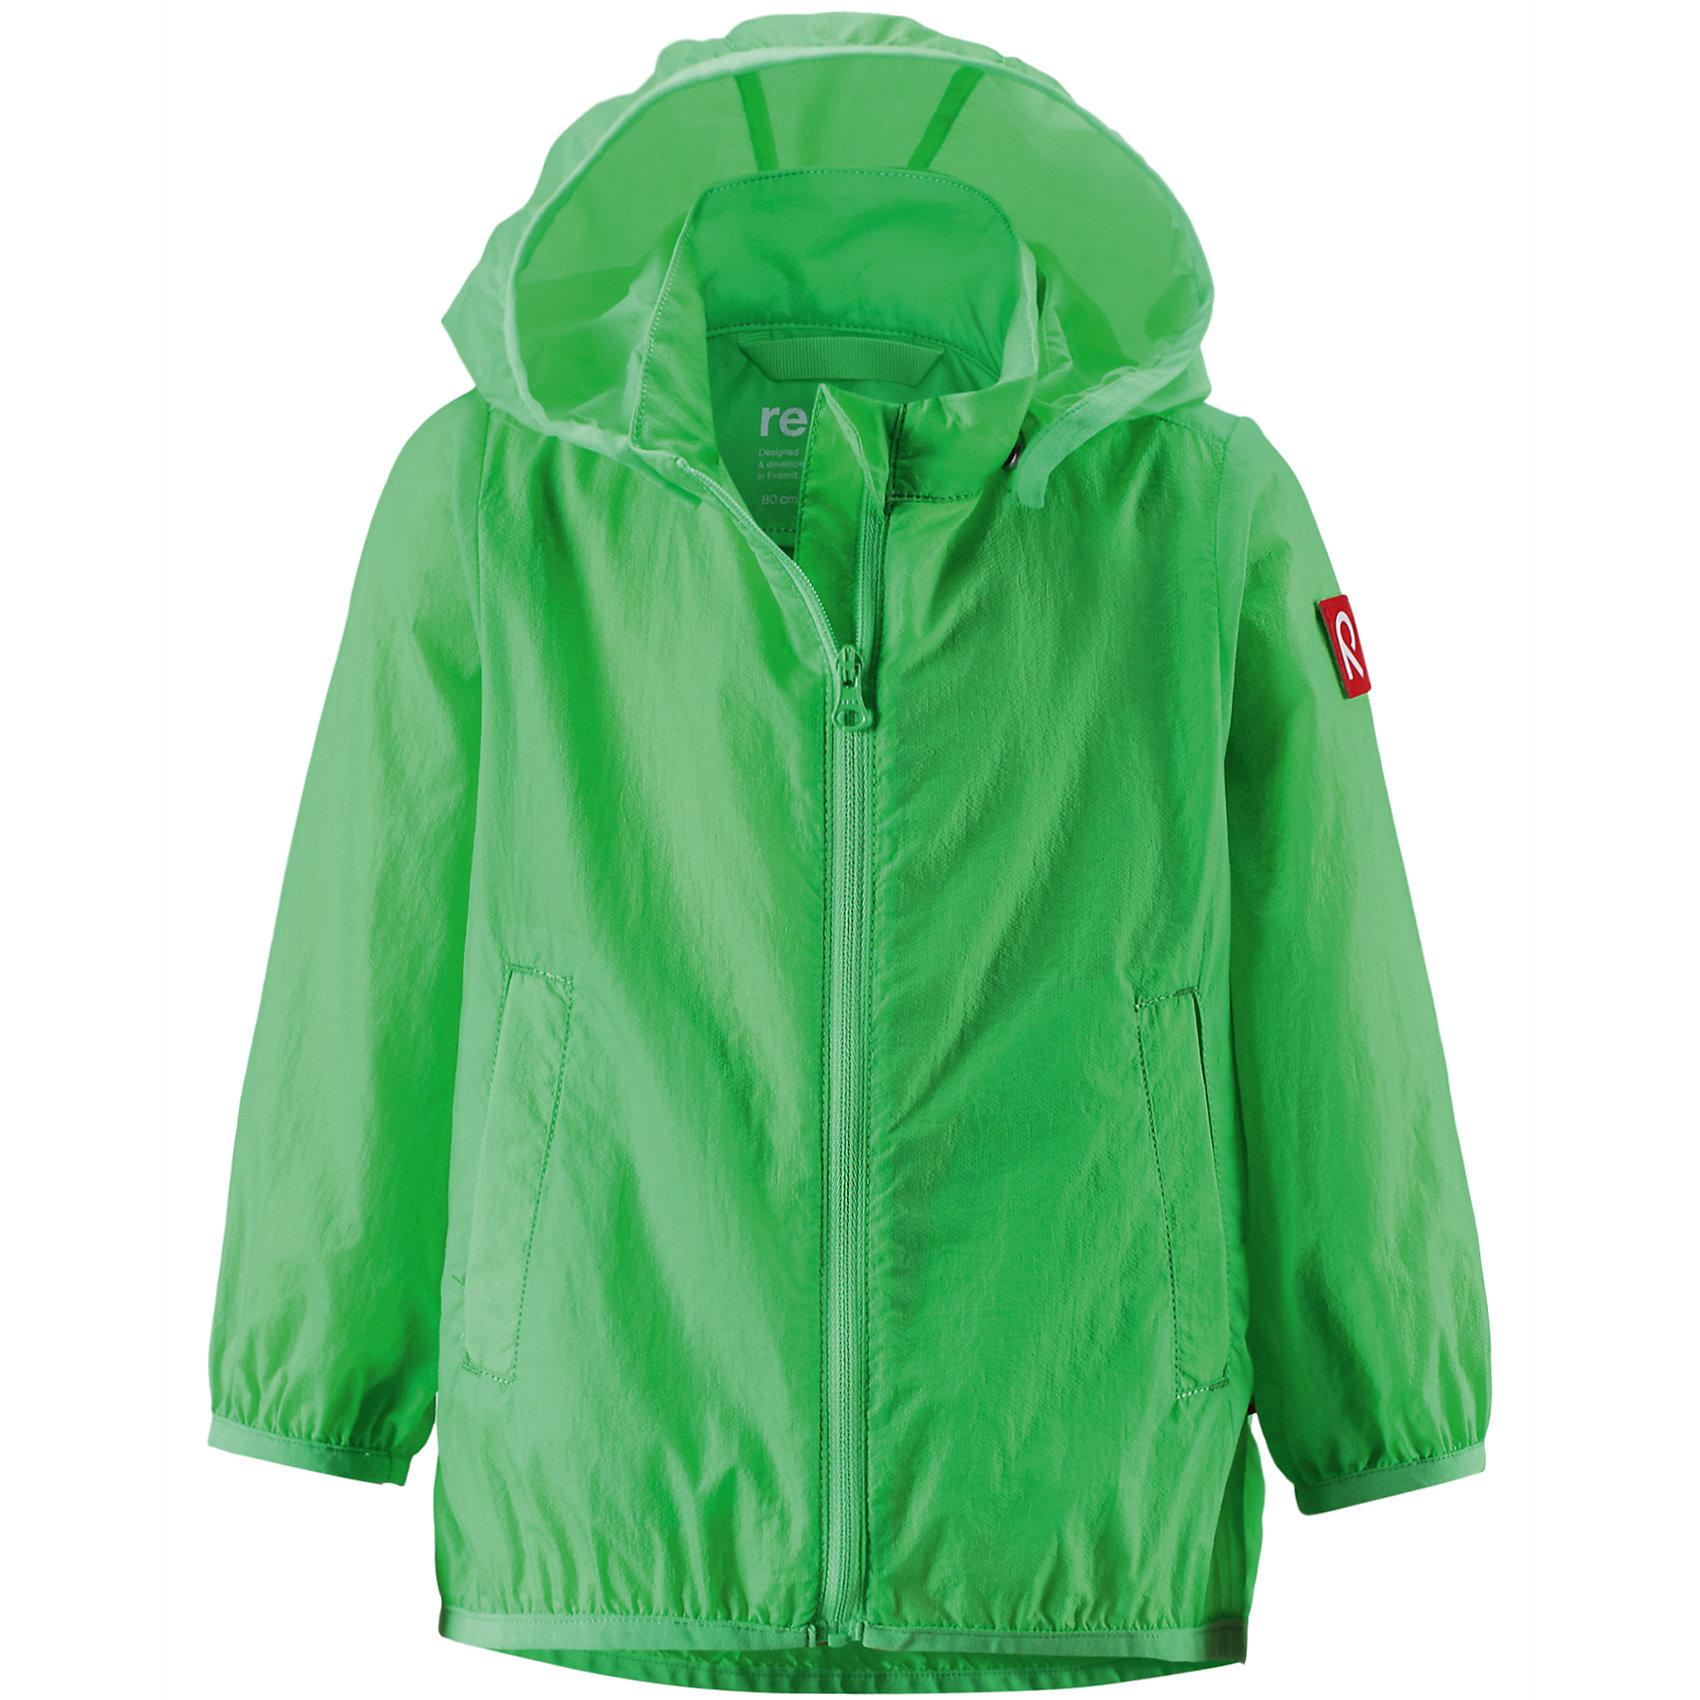 Куртка ReimaОдежда<br>Куртка Reima (Рейма), зеленый от известного финского производителя  детской одежды Reima. Куртка-ветровка выполнена из полиамида, который обладает высокой износоустойчивостью, воздухопроницаемыми, водооталкивающими и грязеотталкивающими свойствами. Изделие устойчиво к изменению формы и цвета даже при длительном использовании. Куртка имеет классическую форму: прямой силуэт с чуть присборенным эластичным кантом низом, кант повторяется на рукавах и капюшоне, воротник-стойка, застежка-молния с защитой у подбородка и 2 боковых прорезных кармана. Куртка имеет полиуретановое покрытие, что делает ее непромокаемой даже в дождливую погоду. Куртка идеально подходит для весенних и осенних прогулок.<br><br>Дополнительная информация:<br><br>- Предназначение: повседневная одежда для прогулок и активного отдыха<br>- Цвет: зеленый<br>- Пол: для мальчика<br>- Состав: 100% полиамид, полиуретановое покрытие<br>- Сезон: весна-осень (демисезонная)<br>- Особенности ухода: стирать изделие, предварительно вывернув его на левую сторону, не использовать отбеливающие вещества<br><br>Подробнее:<br><br>• Для детей в возрасте: от 2 лет и до 3 лет<br>• Страна производитель: Китай<br>• Торговый бренд: Reima, Финляндия<br><br>Куртку Reima (Рейма), зеленый можно купить в нашем интернет-магазине.<br><br>Ширина мм: 356<br>Глубина мм: 10<br>Высота мм: 245<br>Вес г: 519<br>Возраст от месяцев: 12<br>Возраст до месяцев: 18<br>Пол: Унисекс<br>Возраст: Детский<br>Размер: 86,98,92<br>SKU: 4863932